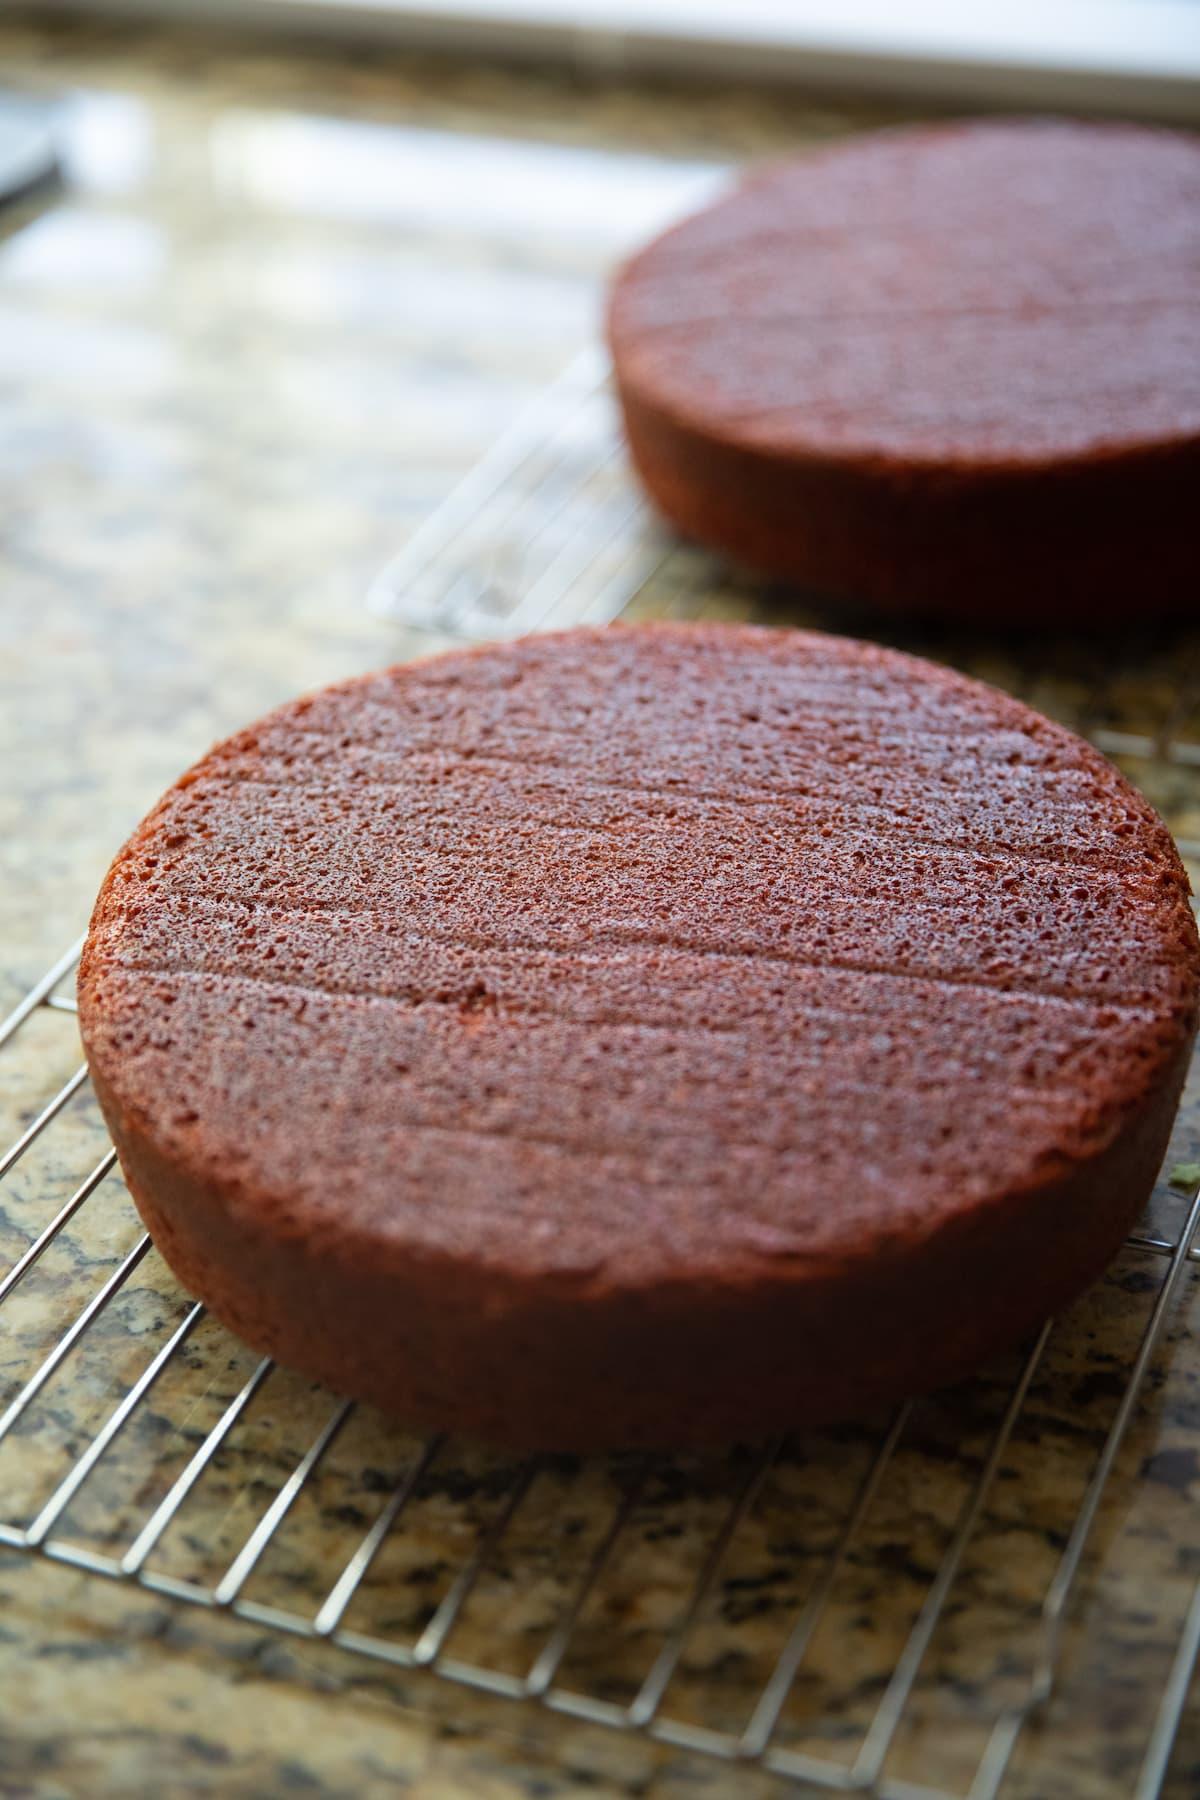 red velvet cakes cooling on cooling racks